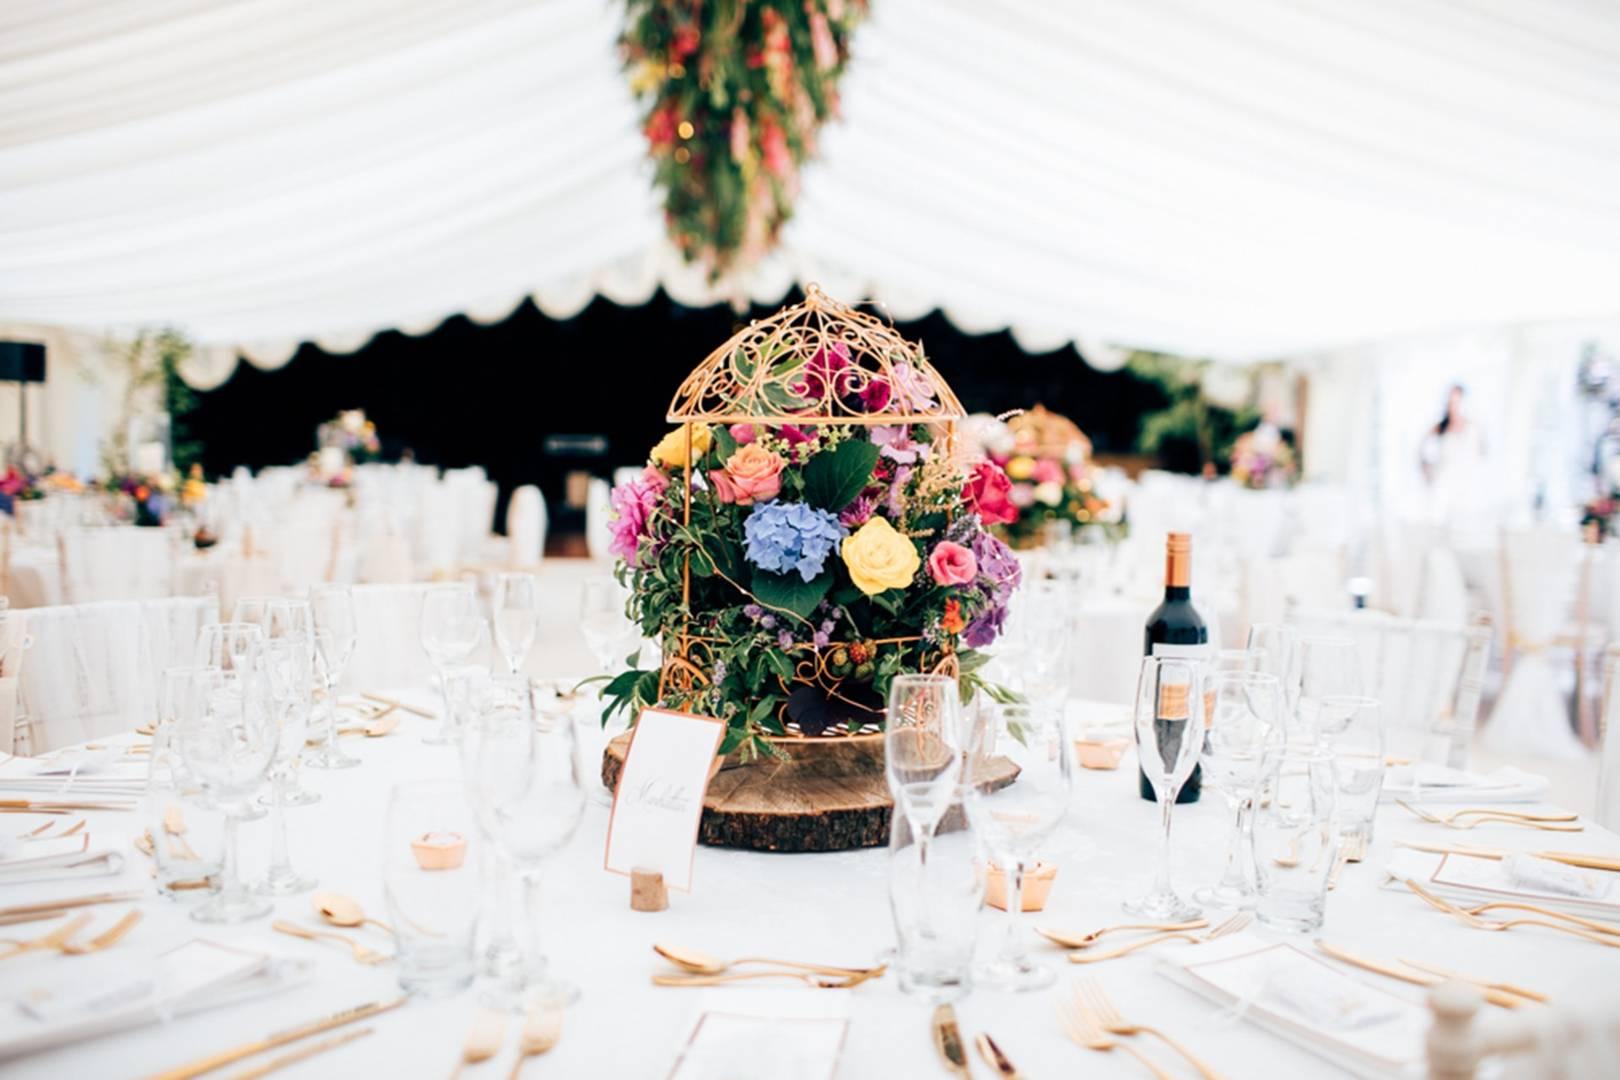 Garden Wedding - Garden Wedding Ideas & Decorations | House & Garden